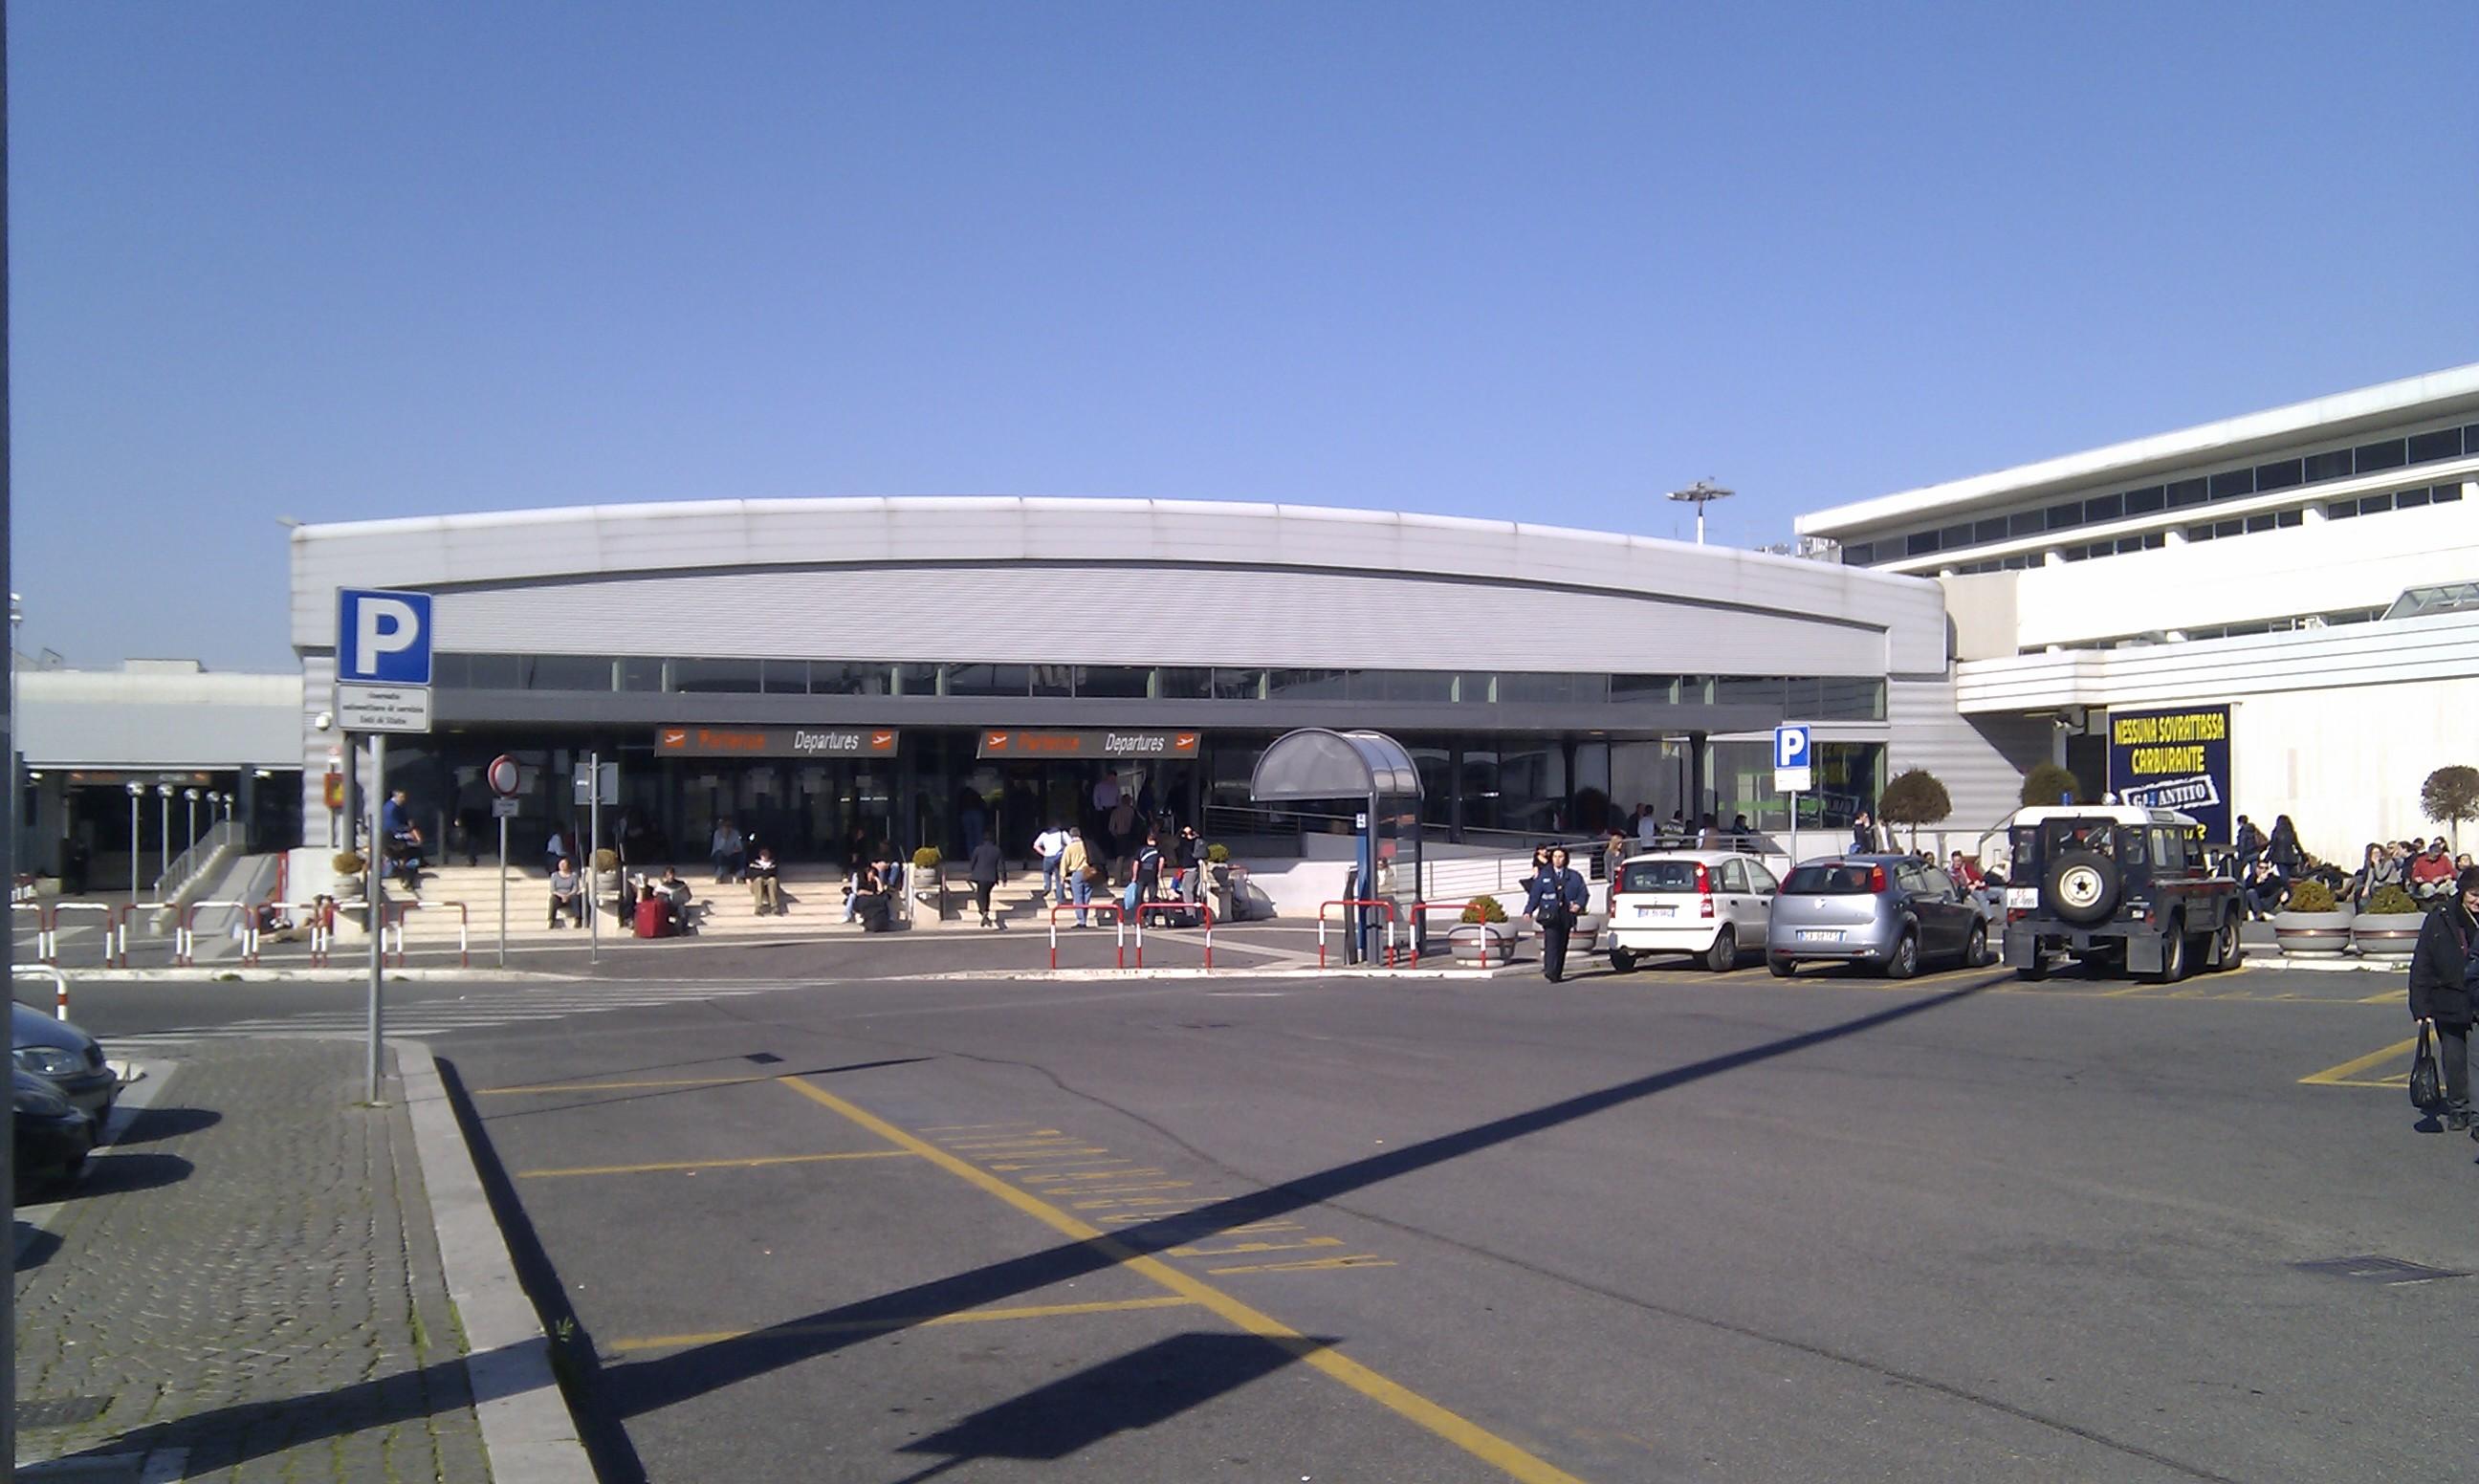 Aeroporto Urbino : Roma a ottobre chiusura dell aeroporto ciampino tutte